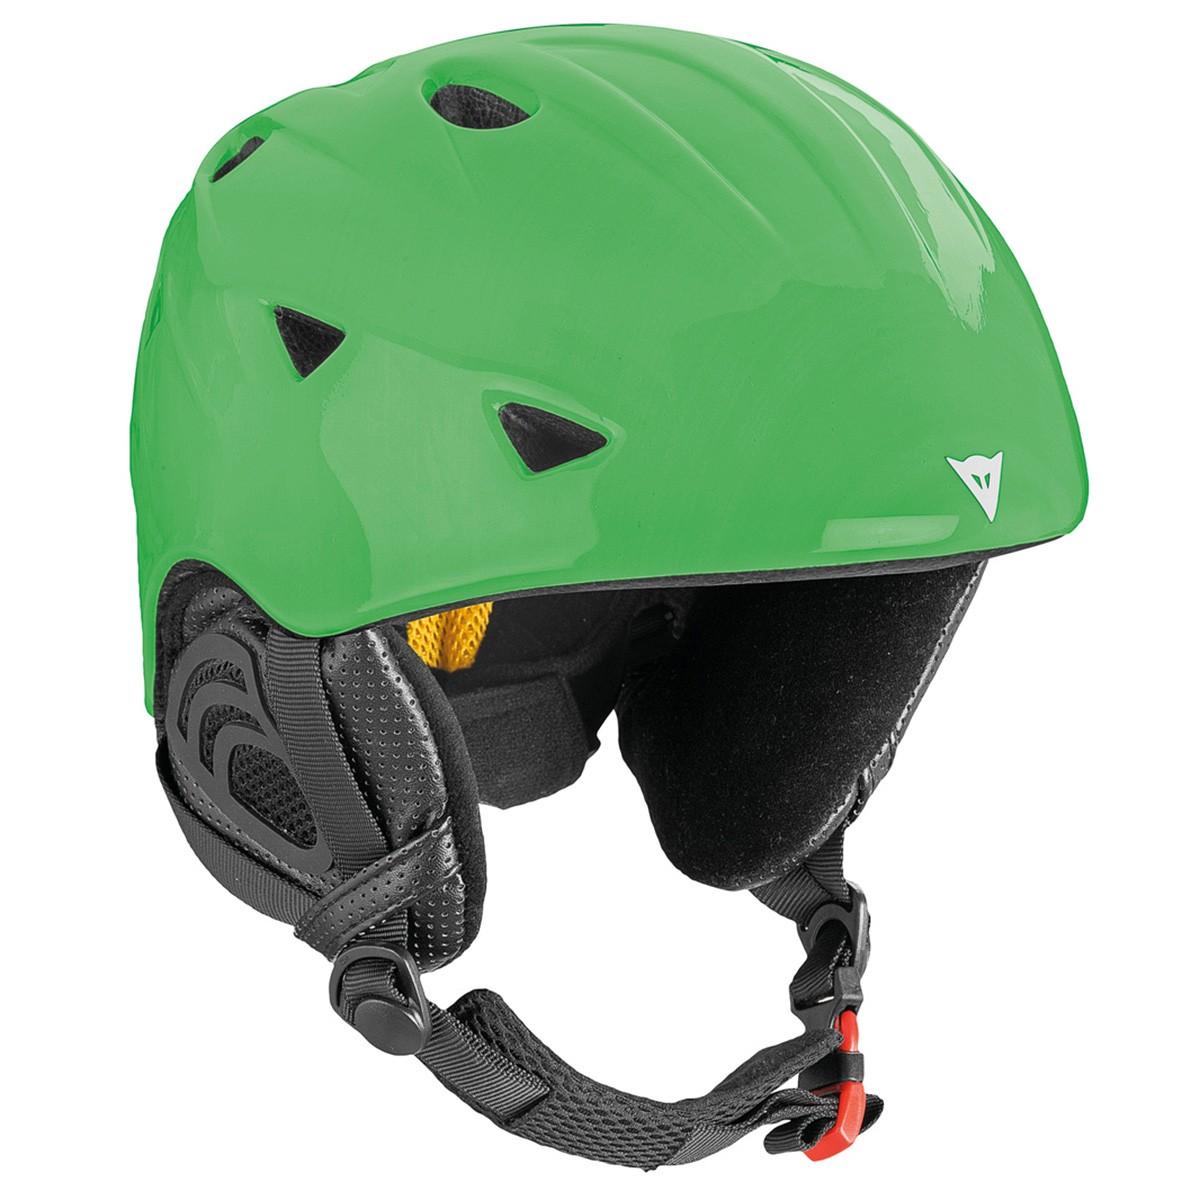 Casco sci Dainese D-Ride (Colore: verde, Taglia: 2XS)